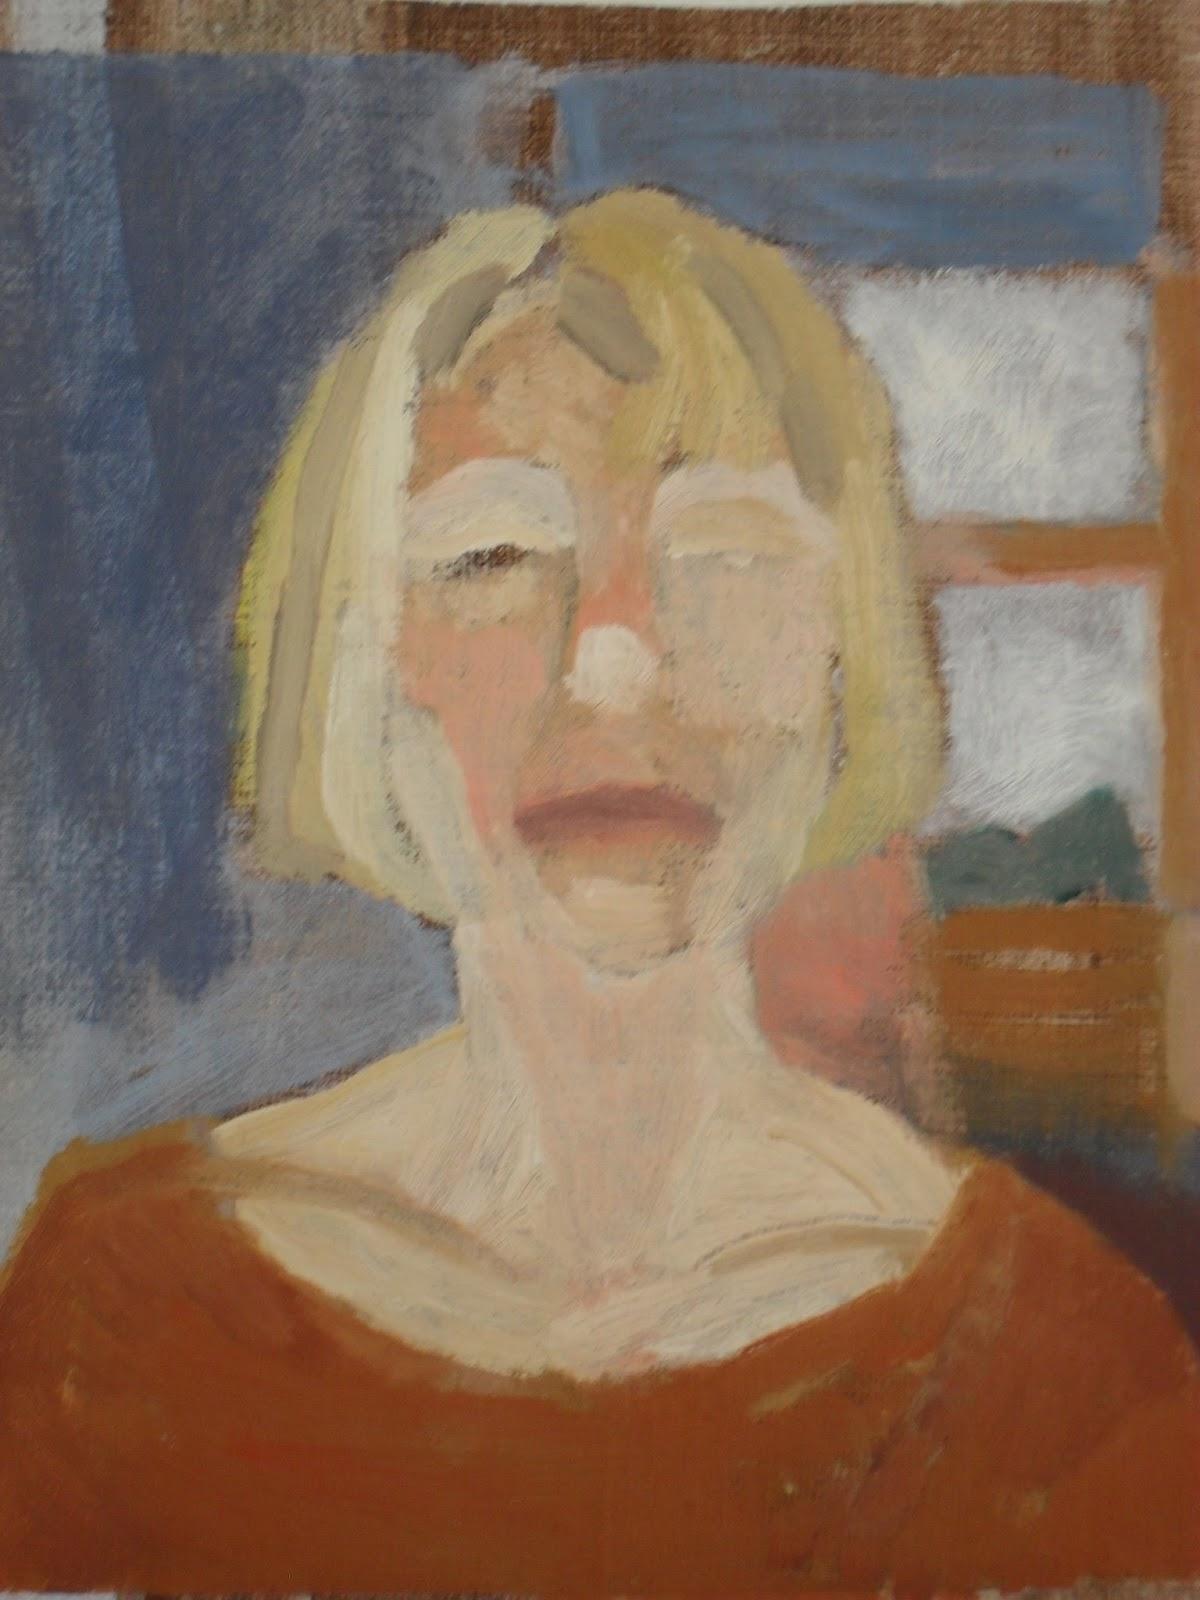 62fb965db713 RUM44: DÅ : HÄR OCH NU. Karin Gustavsson - målade skisser - 3-10 ...